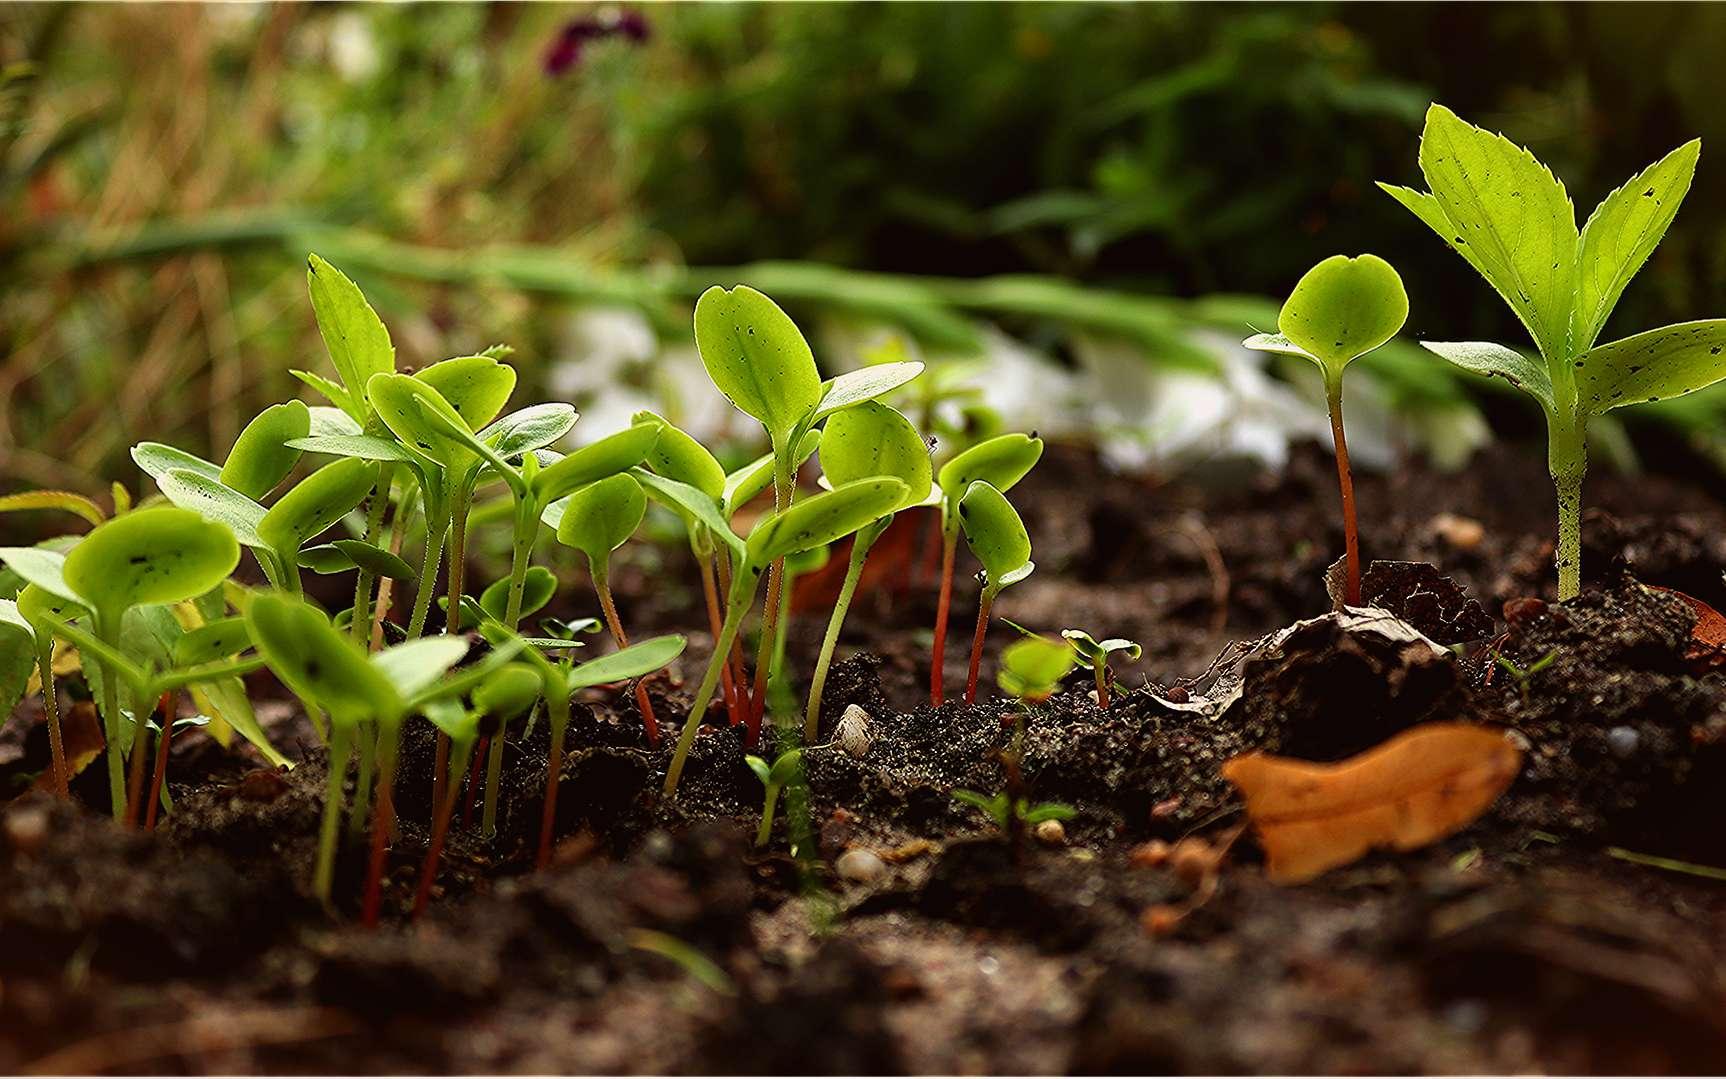 L'humus est issu de la décomposition de matières organiques. Feuilles, morceaux de bois... entrent dans la composition d'un bon compost. © Whisperinglane - ARSM, Pixabay, DP